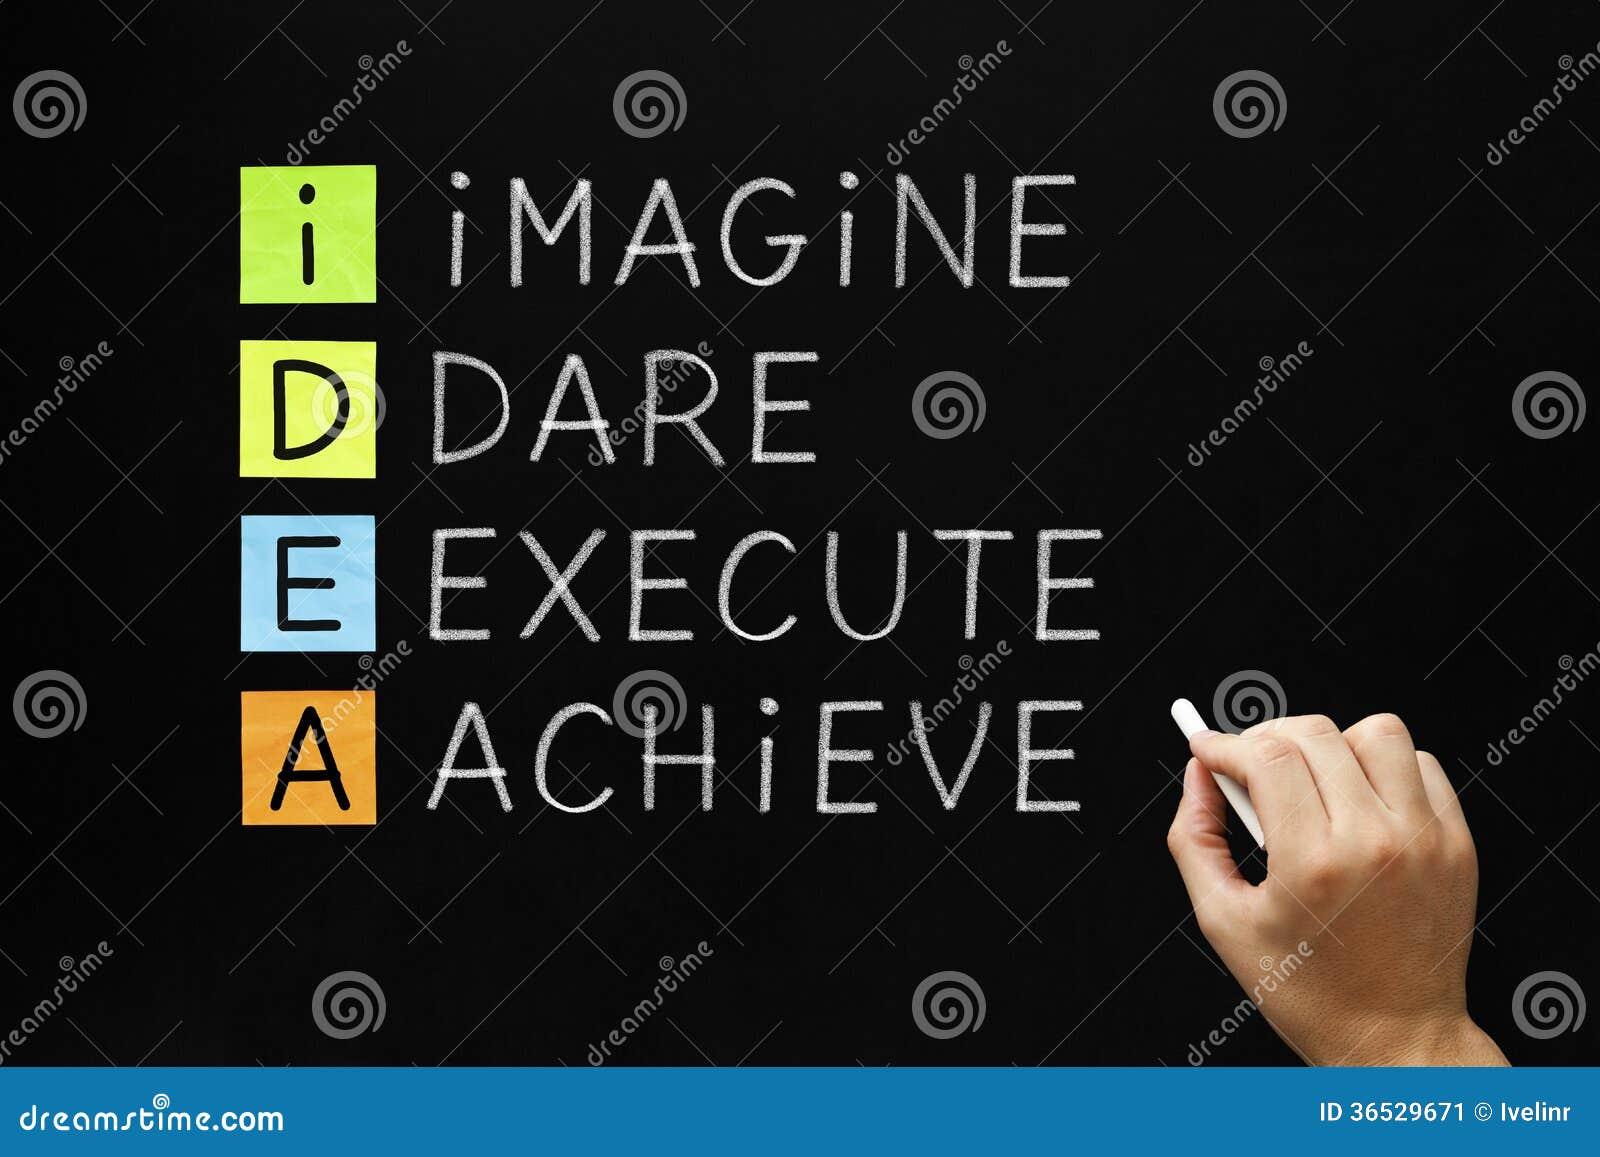 CIdea - Φανταστείτε ότι τολμήστε εκτελεί επιτυγχάνει